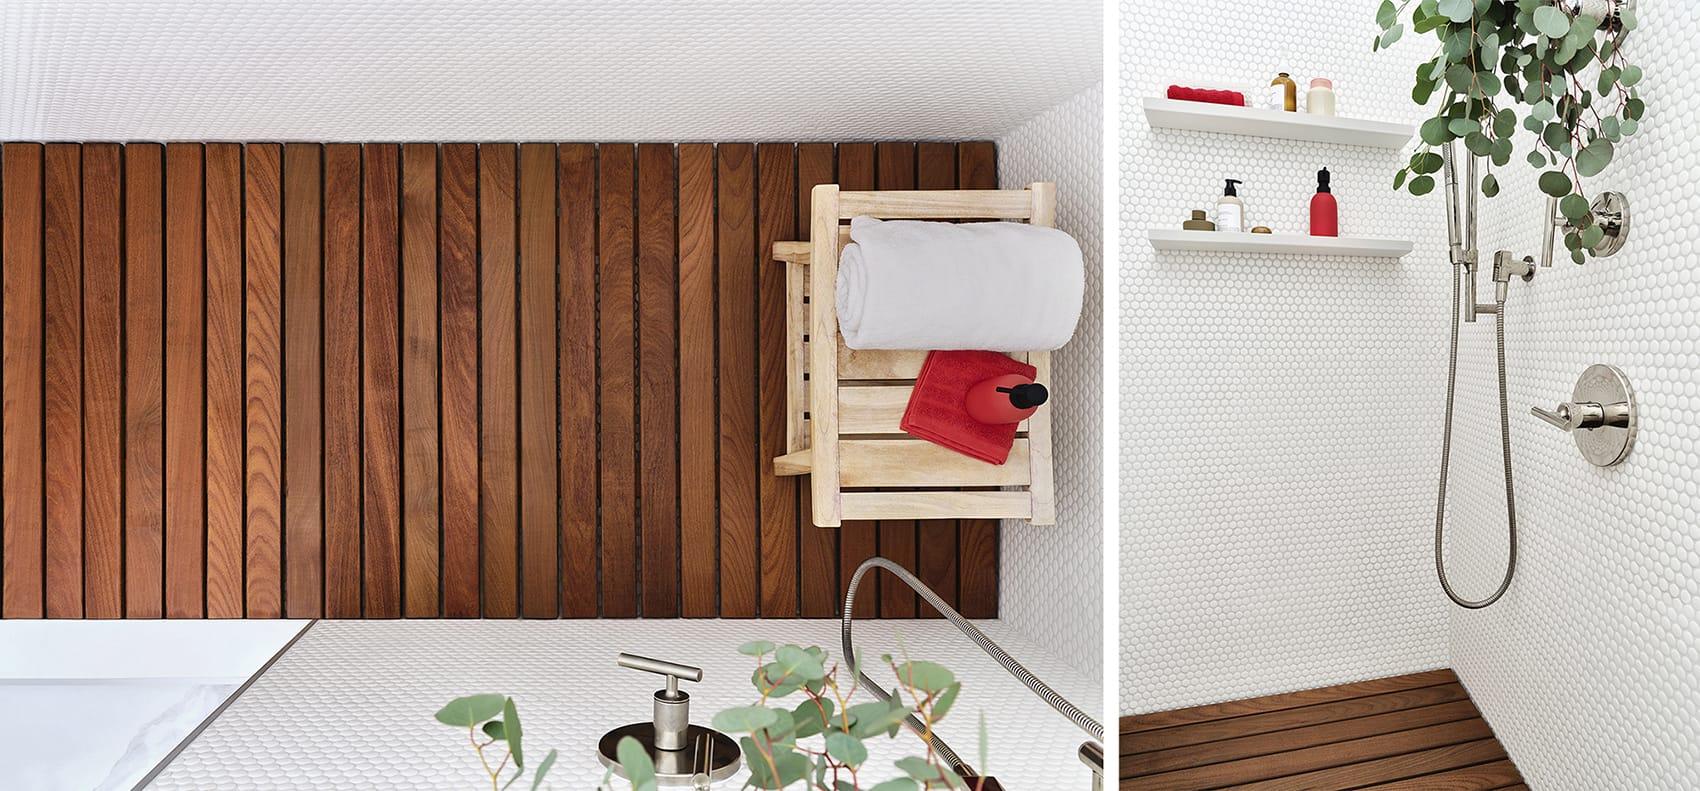 Plancher en bois de salle de bain